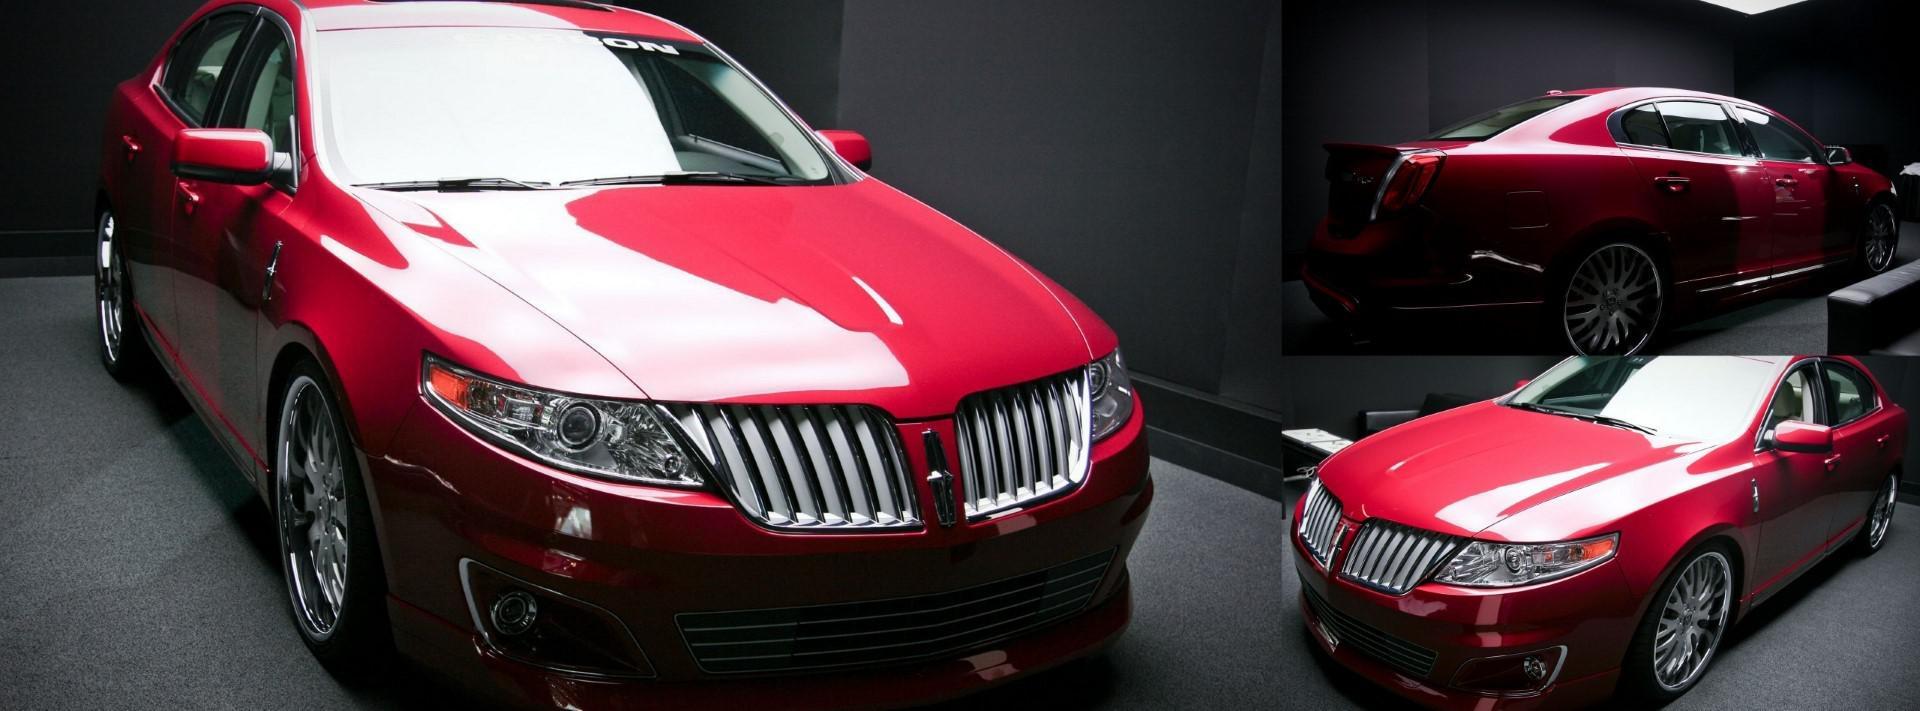 3dcarbon-preparateur-specialiste-de-kit-carrosserie-1406-2.jpg